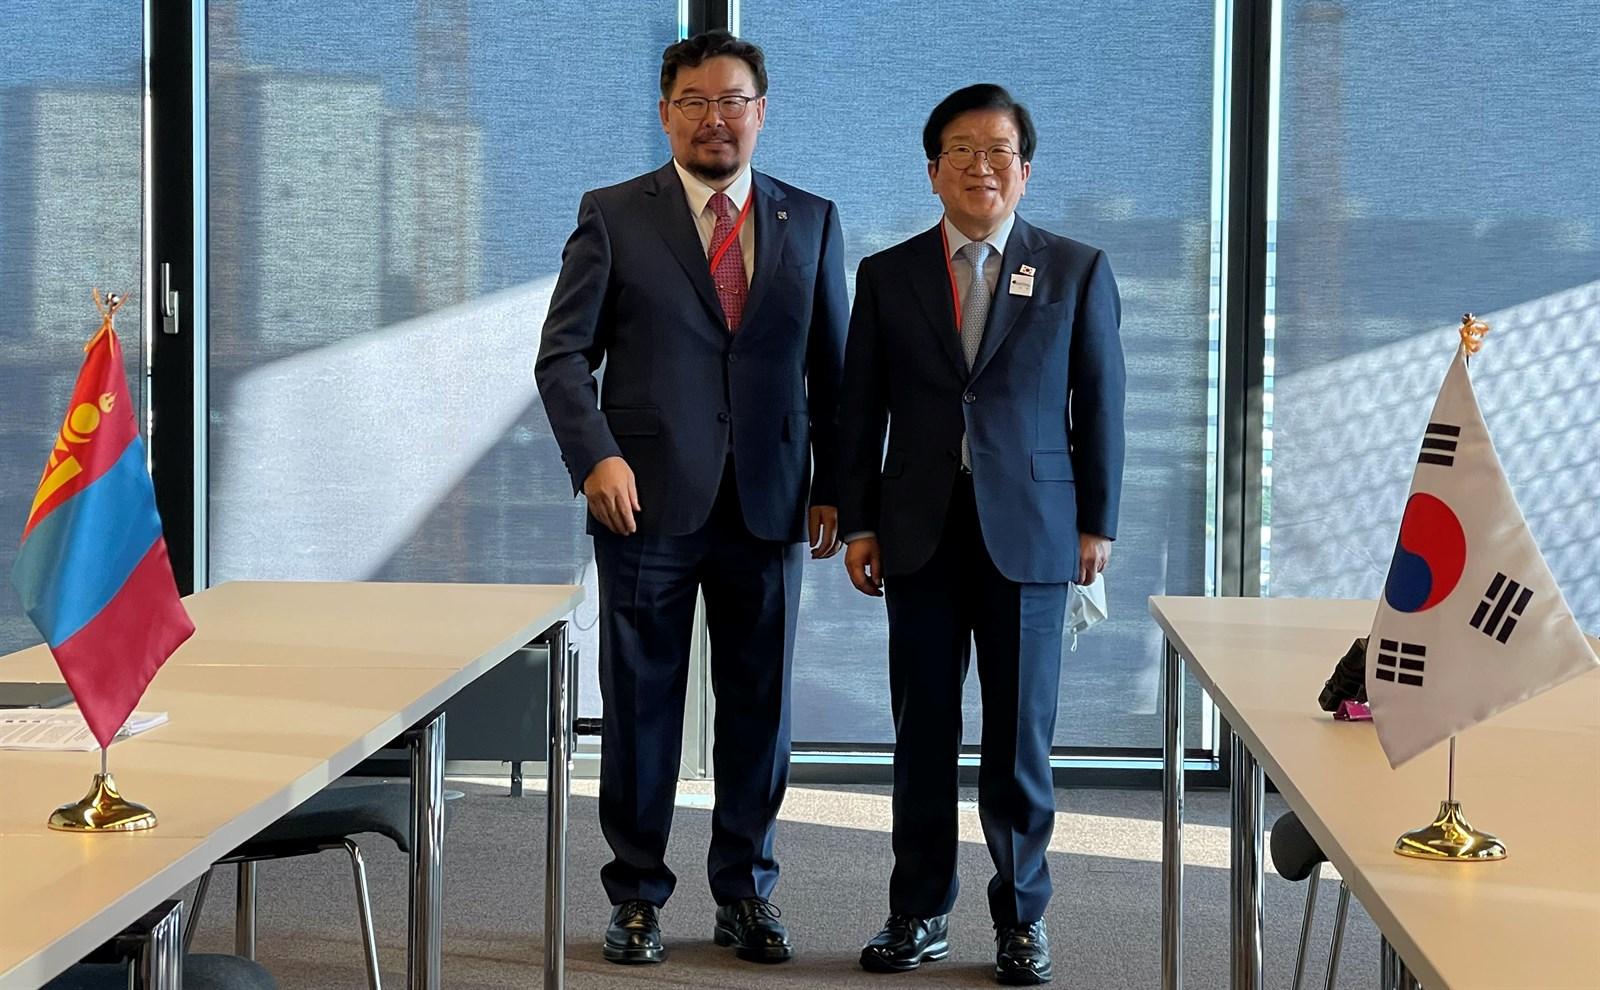 국회의장들은 양국 간 협력 확대에 대해 의견을 교환.jpg